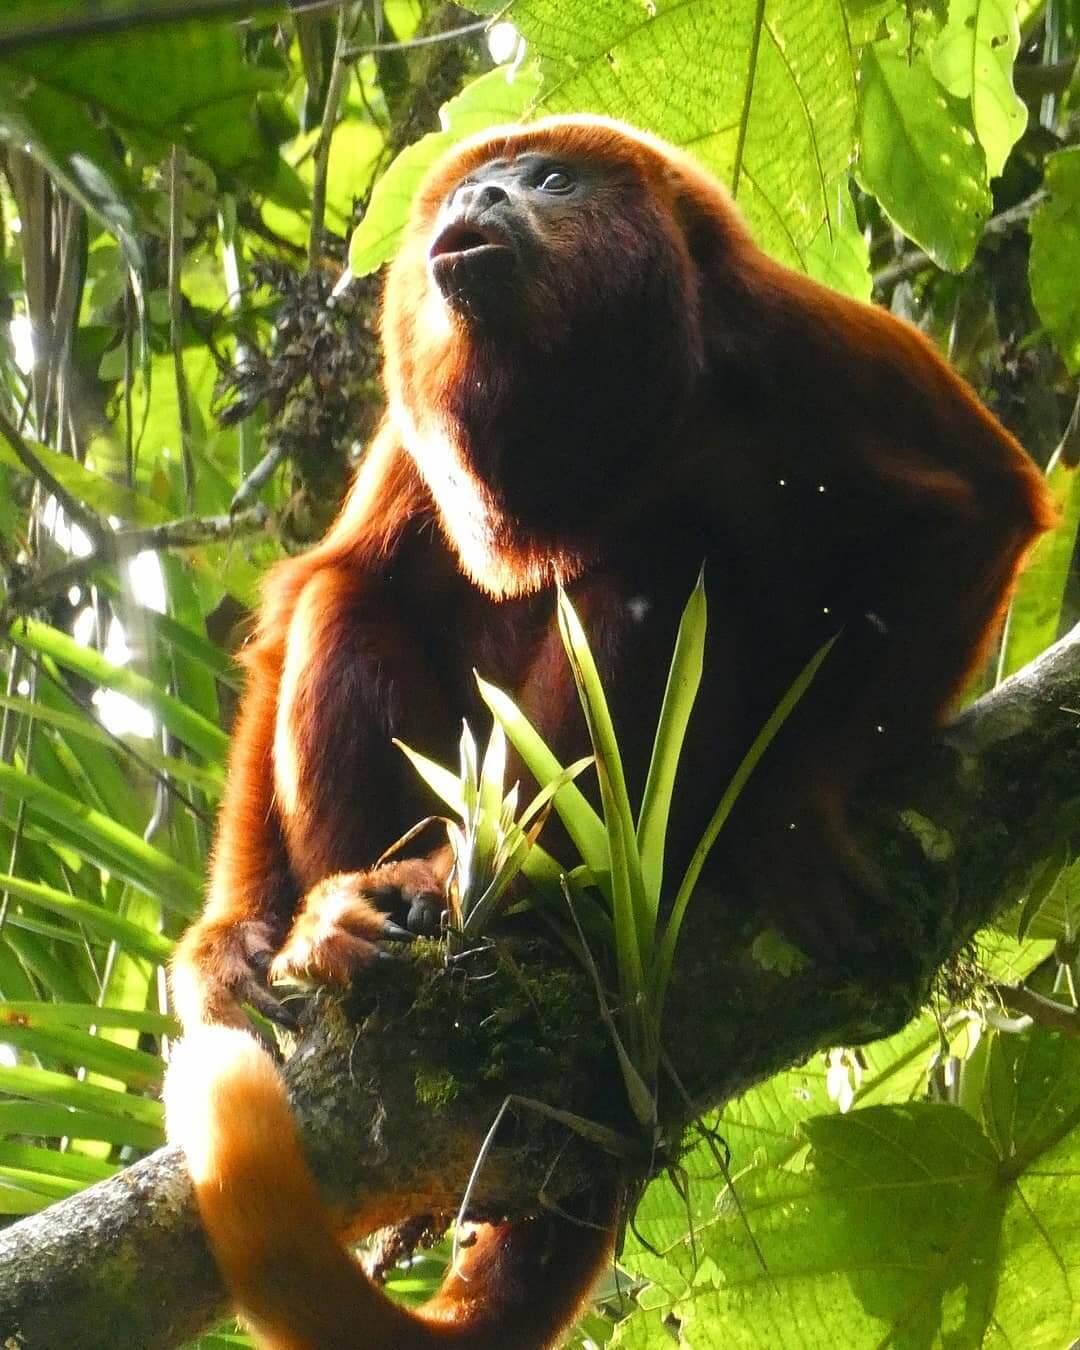 Monos aulladores en Colombia